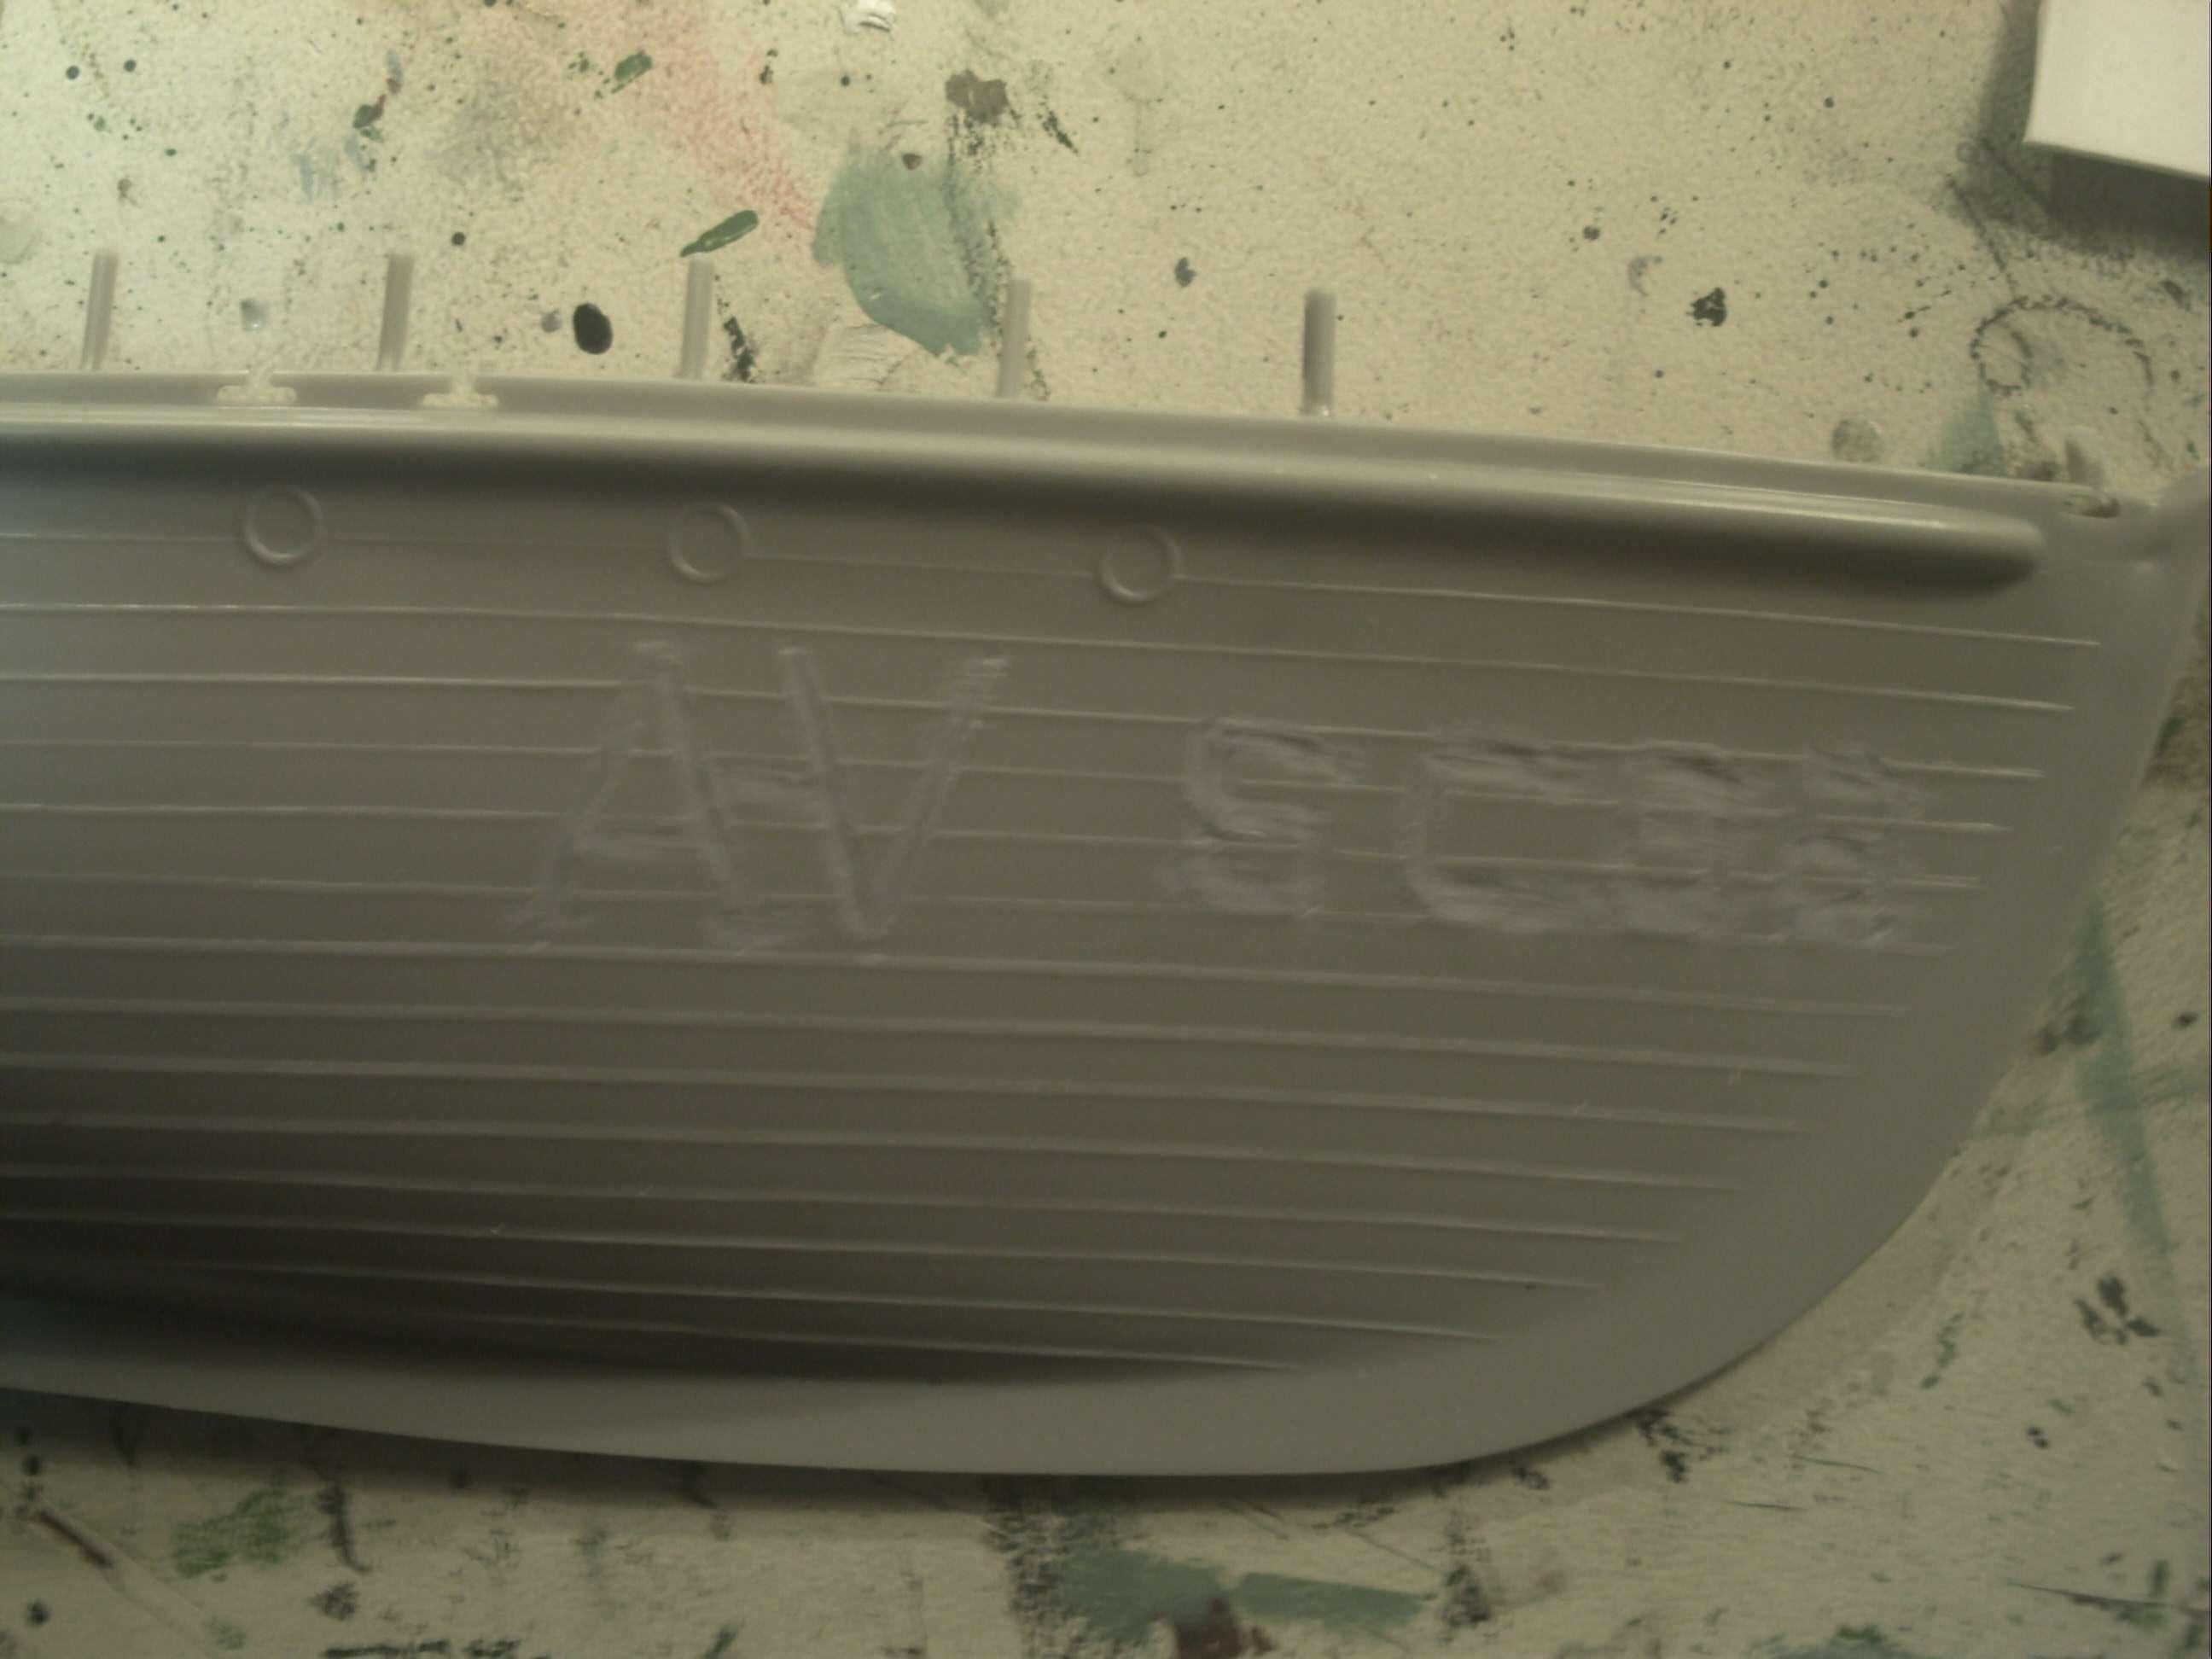 SUBCHASER de marque Glencoe à l'échelle 1/74ème Phto0023